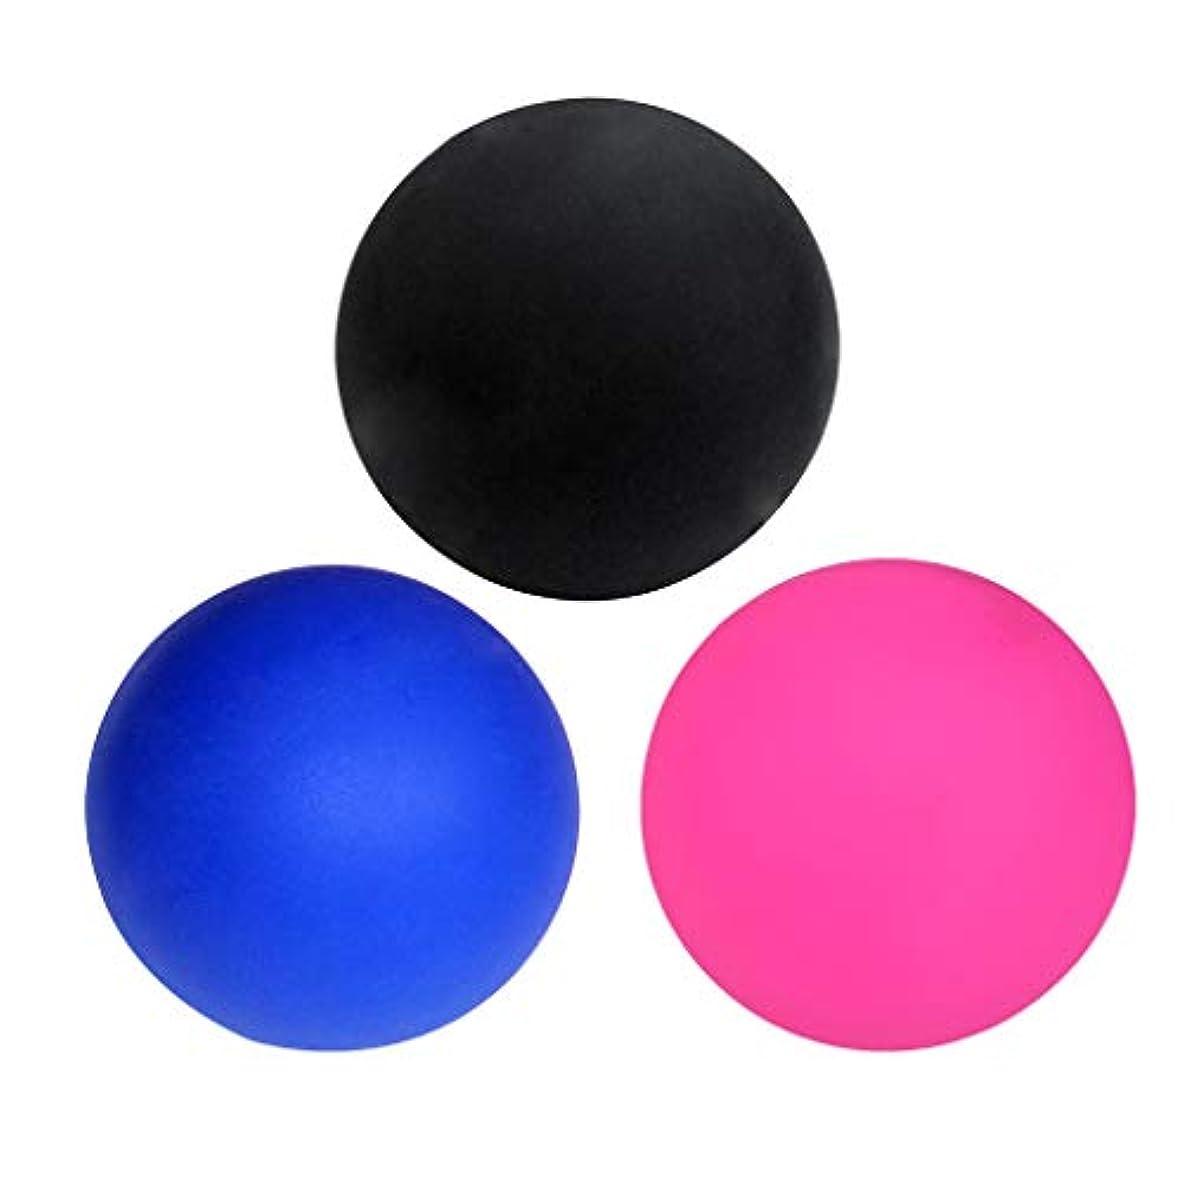 知事契約きらきらマッサージボール ラクロスボール トリガーポイント ゴム製 ジム/ホーム/オフィスなど適用 3個入